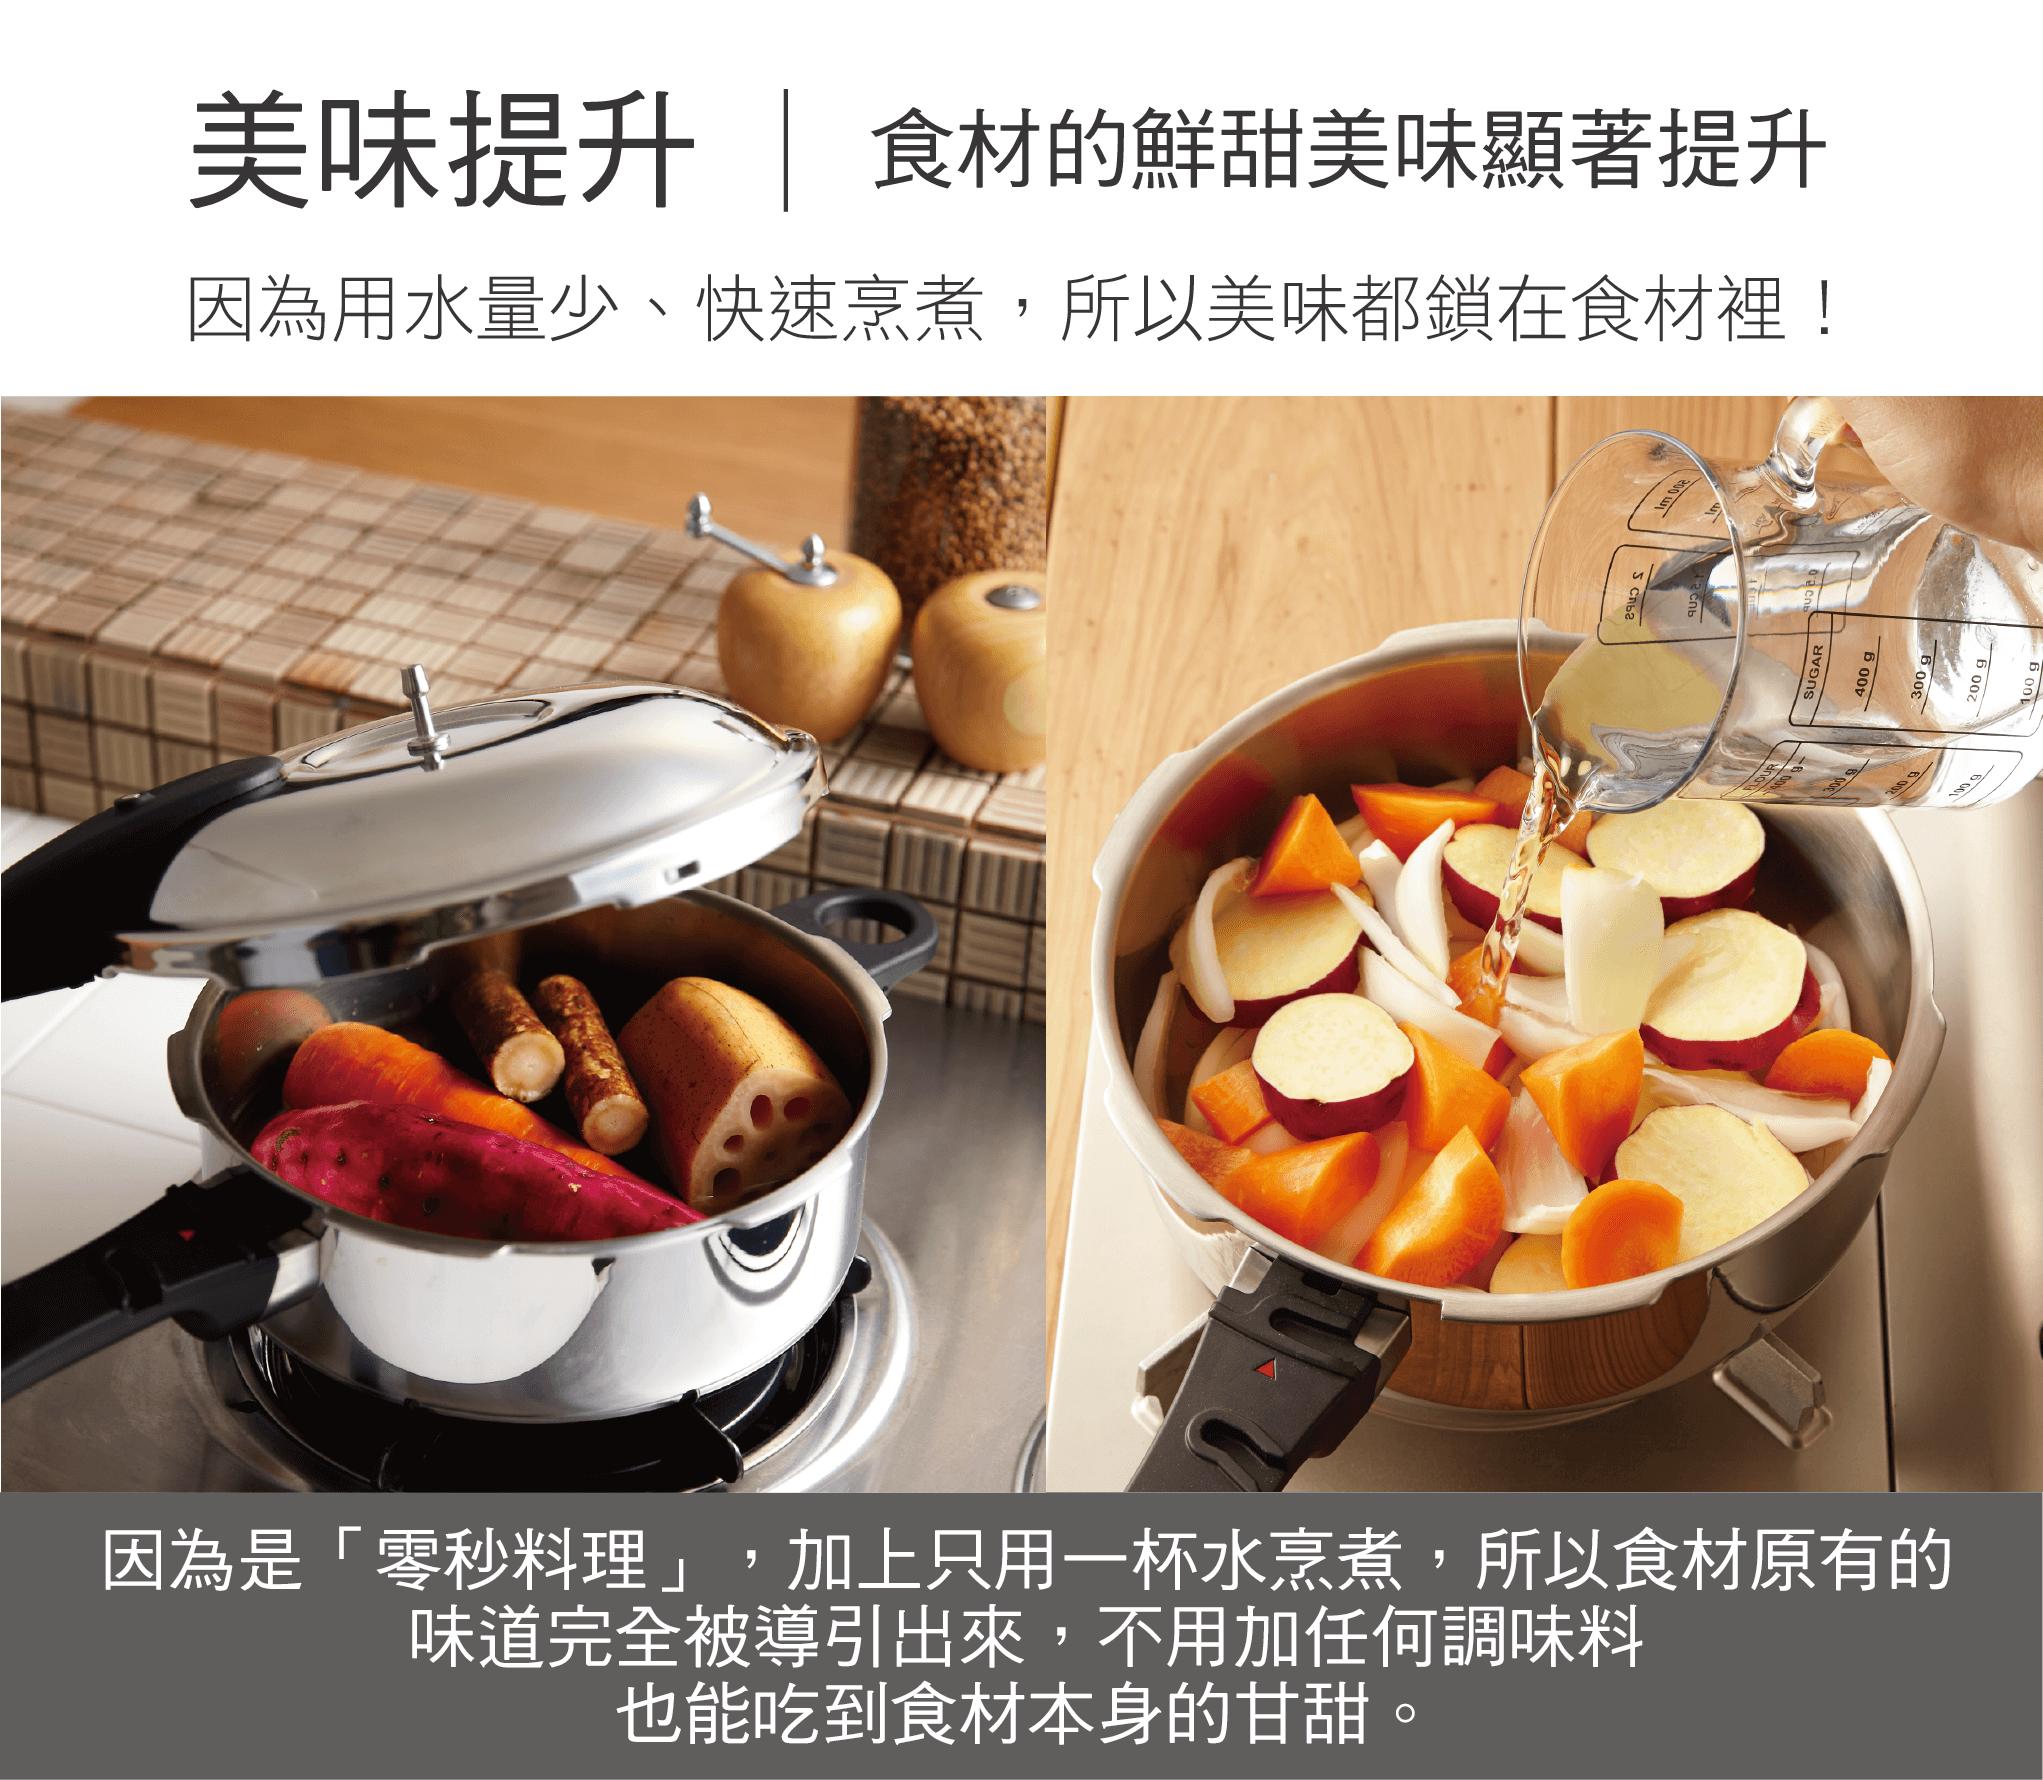 零秒活力鍋,日本製壓力鍋,最高世界等級料理氣壓,悶燒鍋,不鏽鋼鍋,日本鍋具